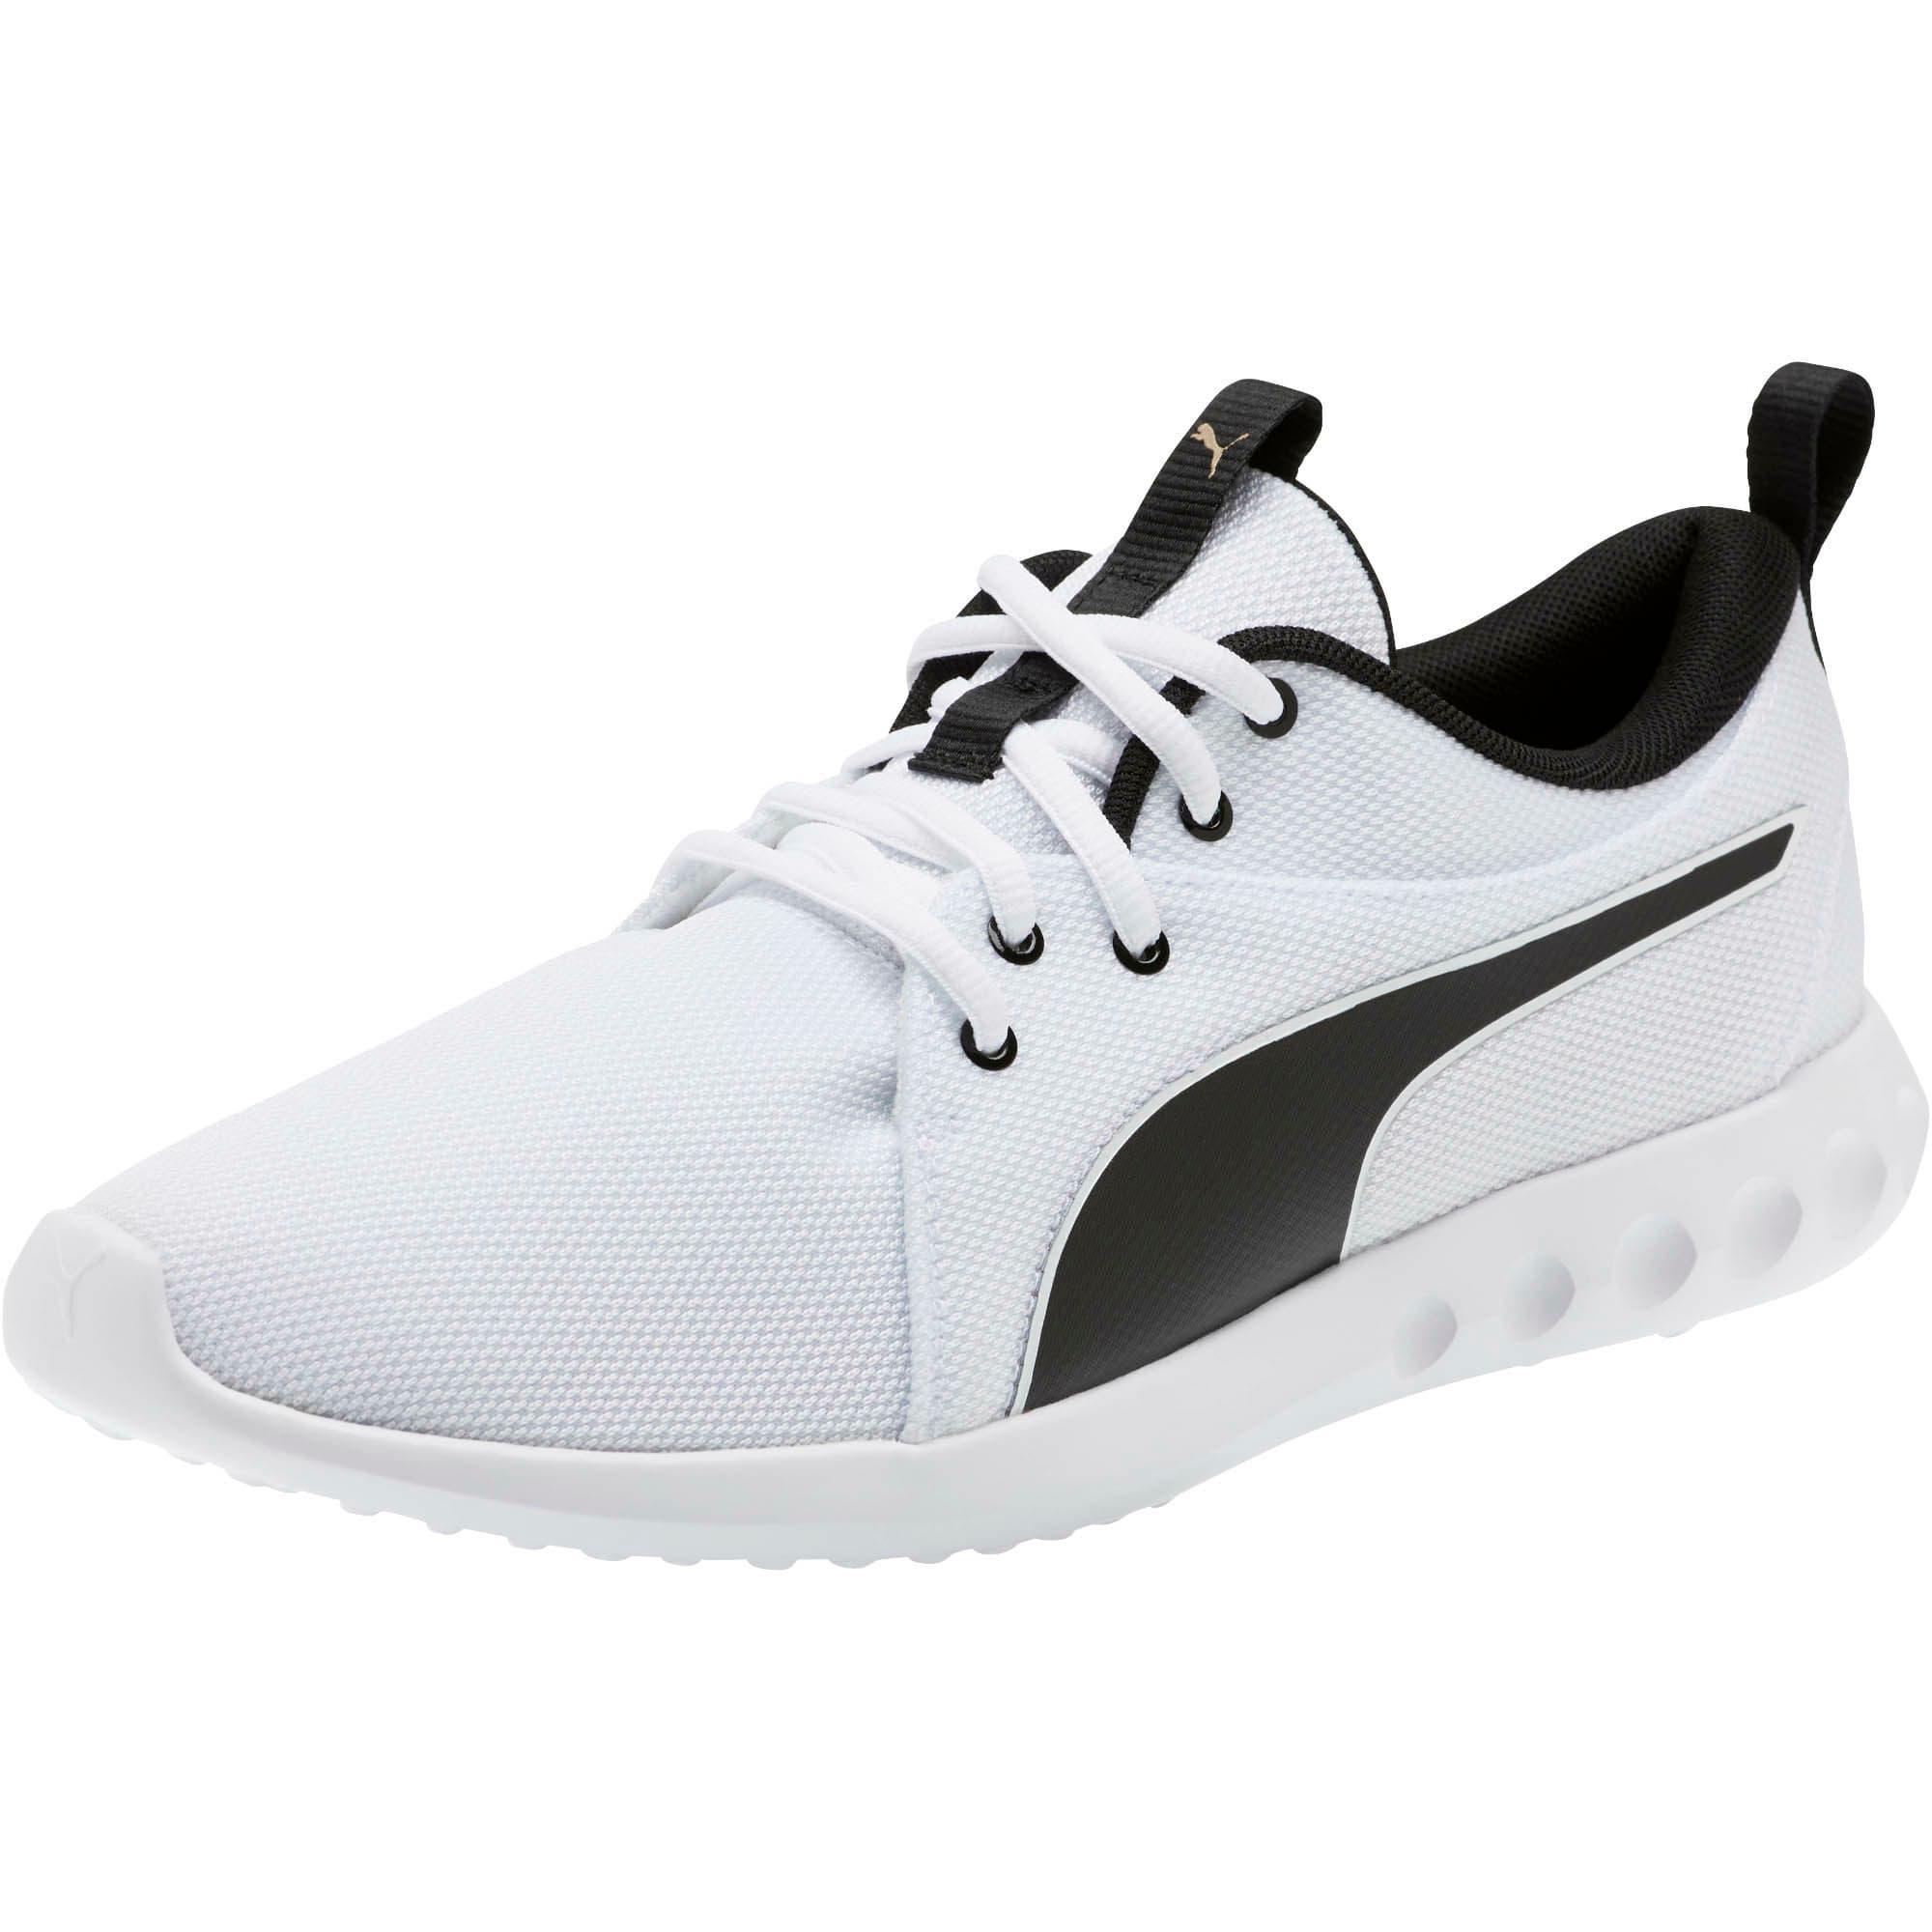 Miniatura 1 de Zapatos para correr Carson 2 Cosmo para hombre, Puma White-Metallic Gold, mediano